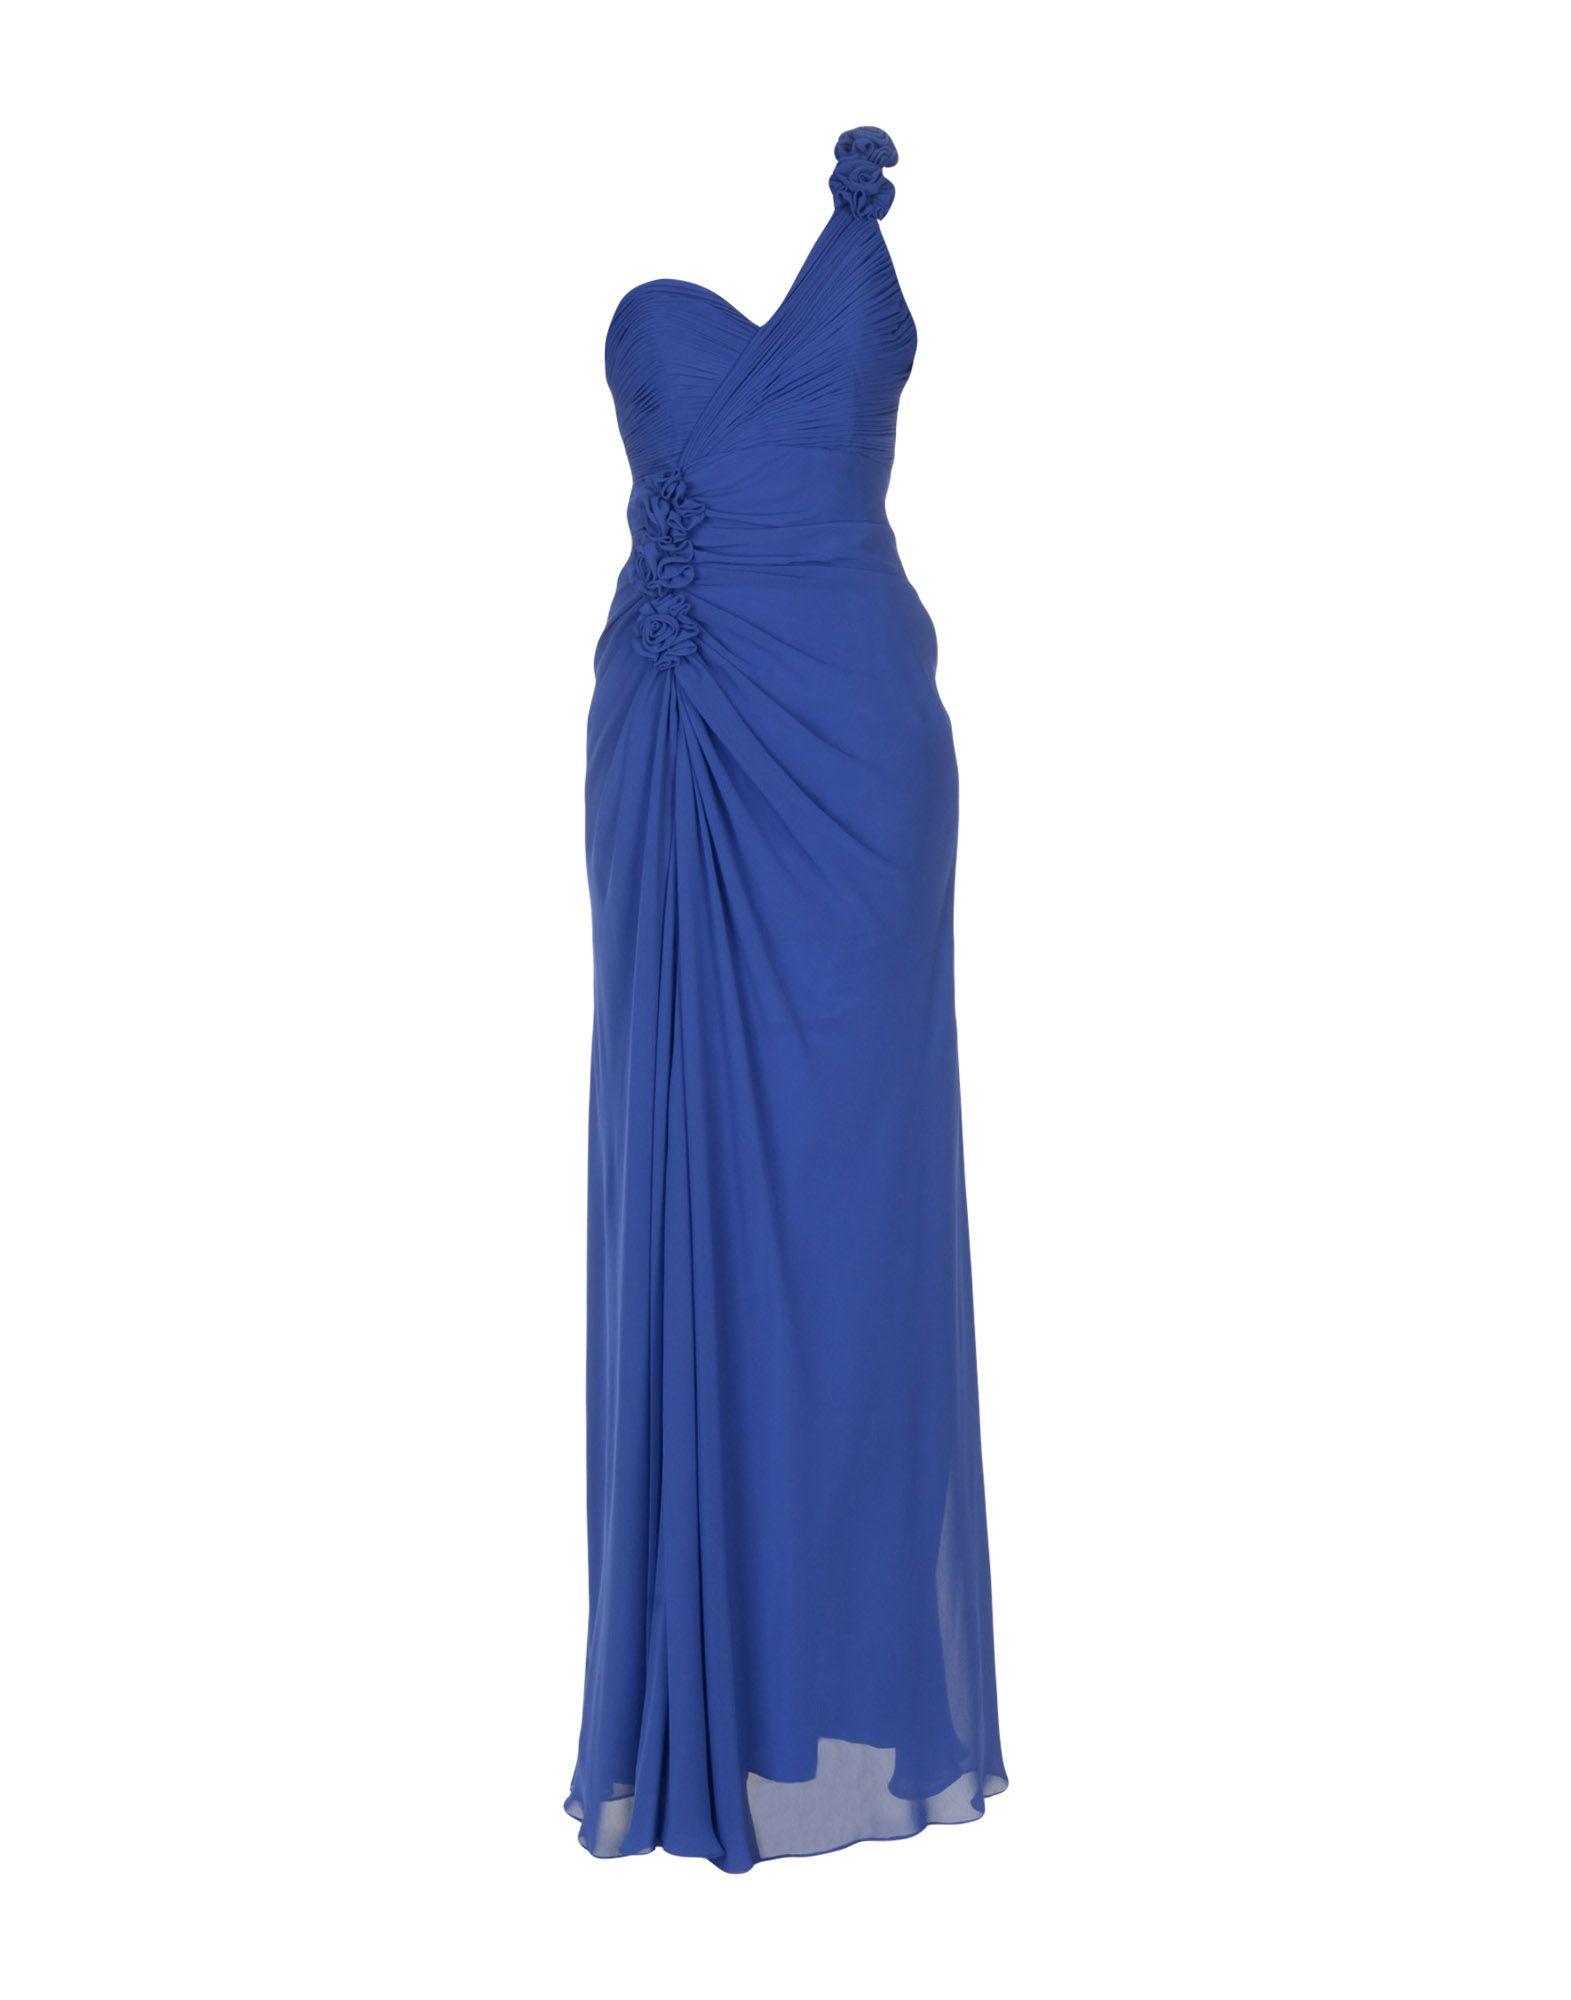 GALIONE Длинное платье малого сексуально женщин от летних моды случайных плечо мини платье